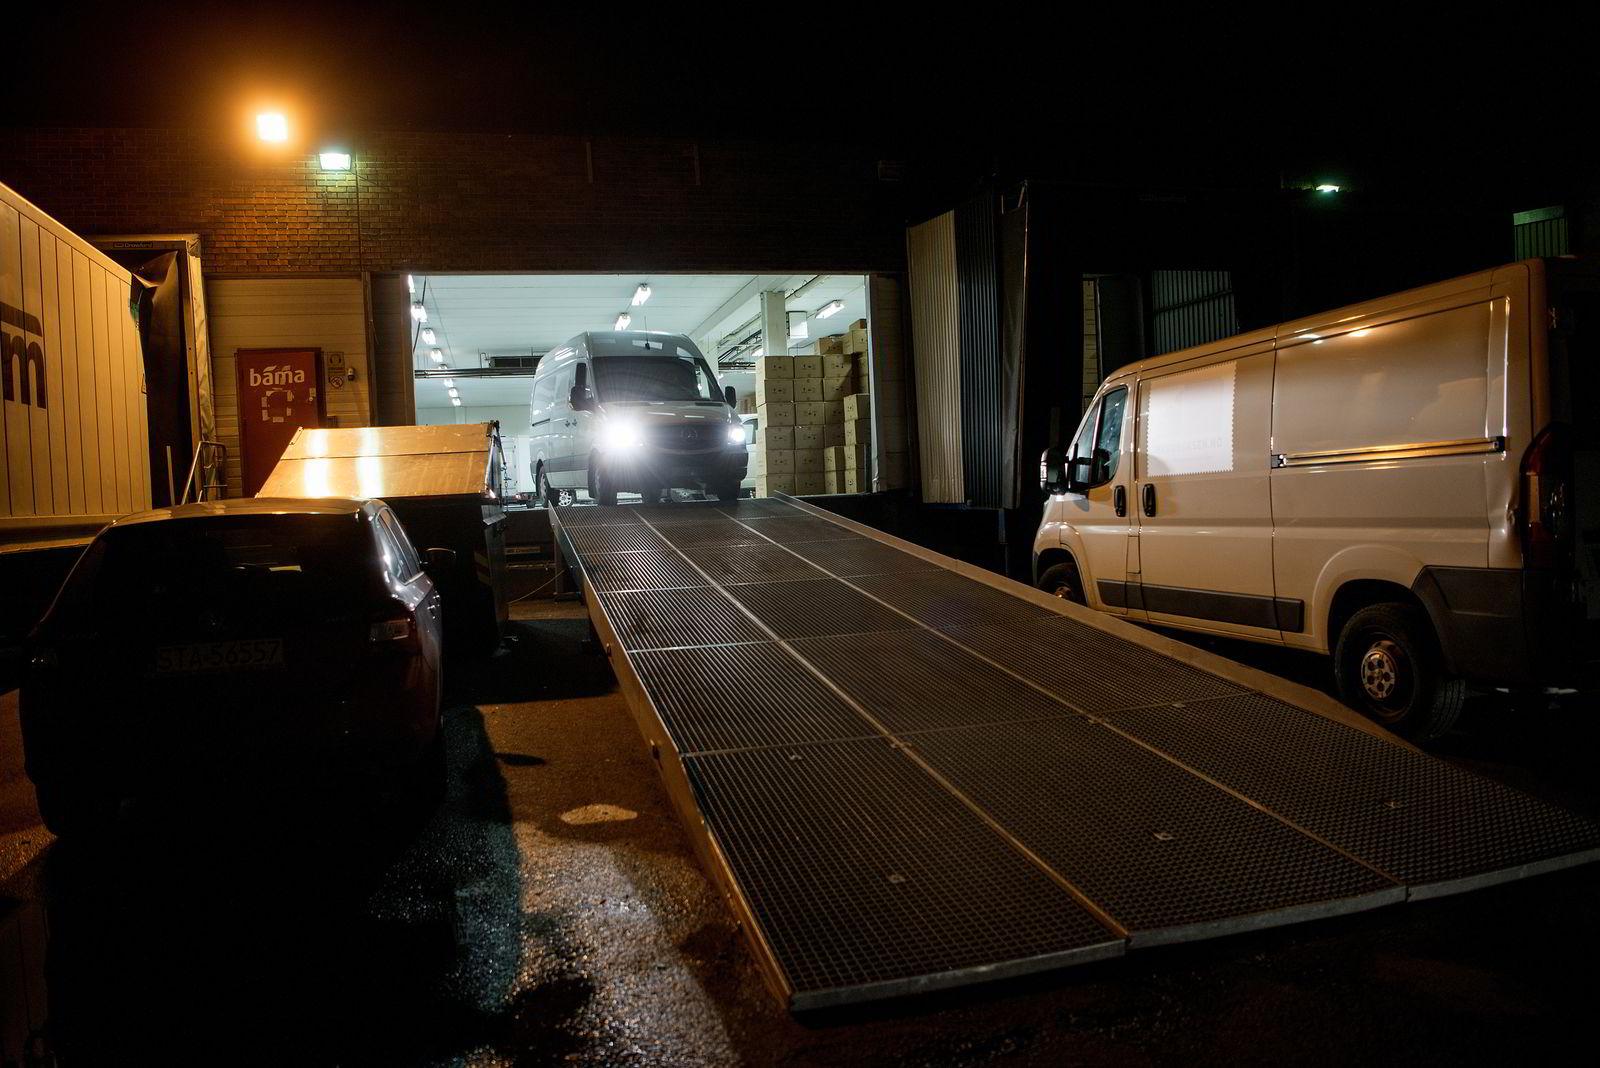 Klokken er halv fire natt til lørdag. De første budbilene legger ut på sine leveringsrunder.